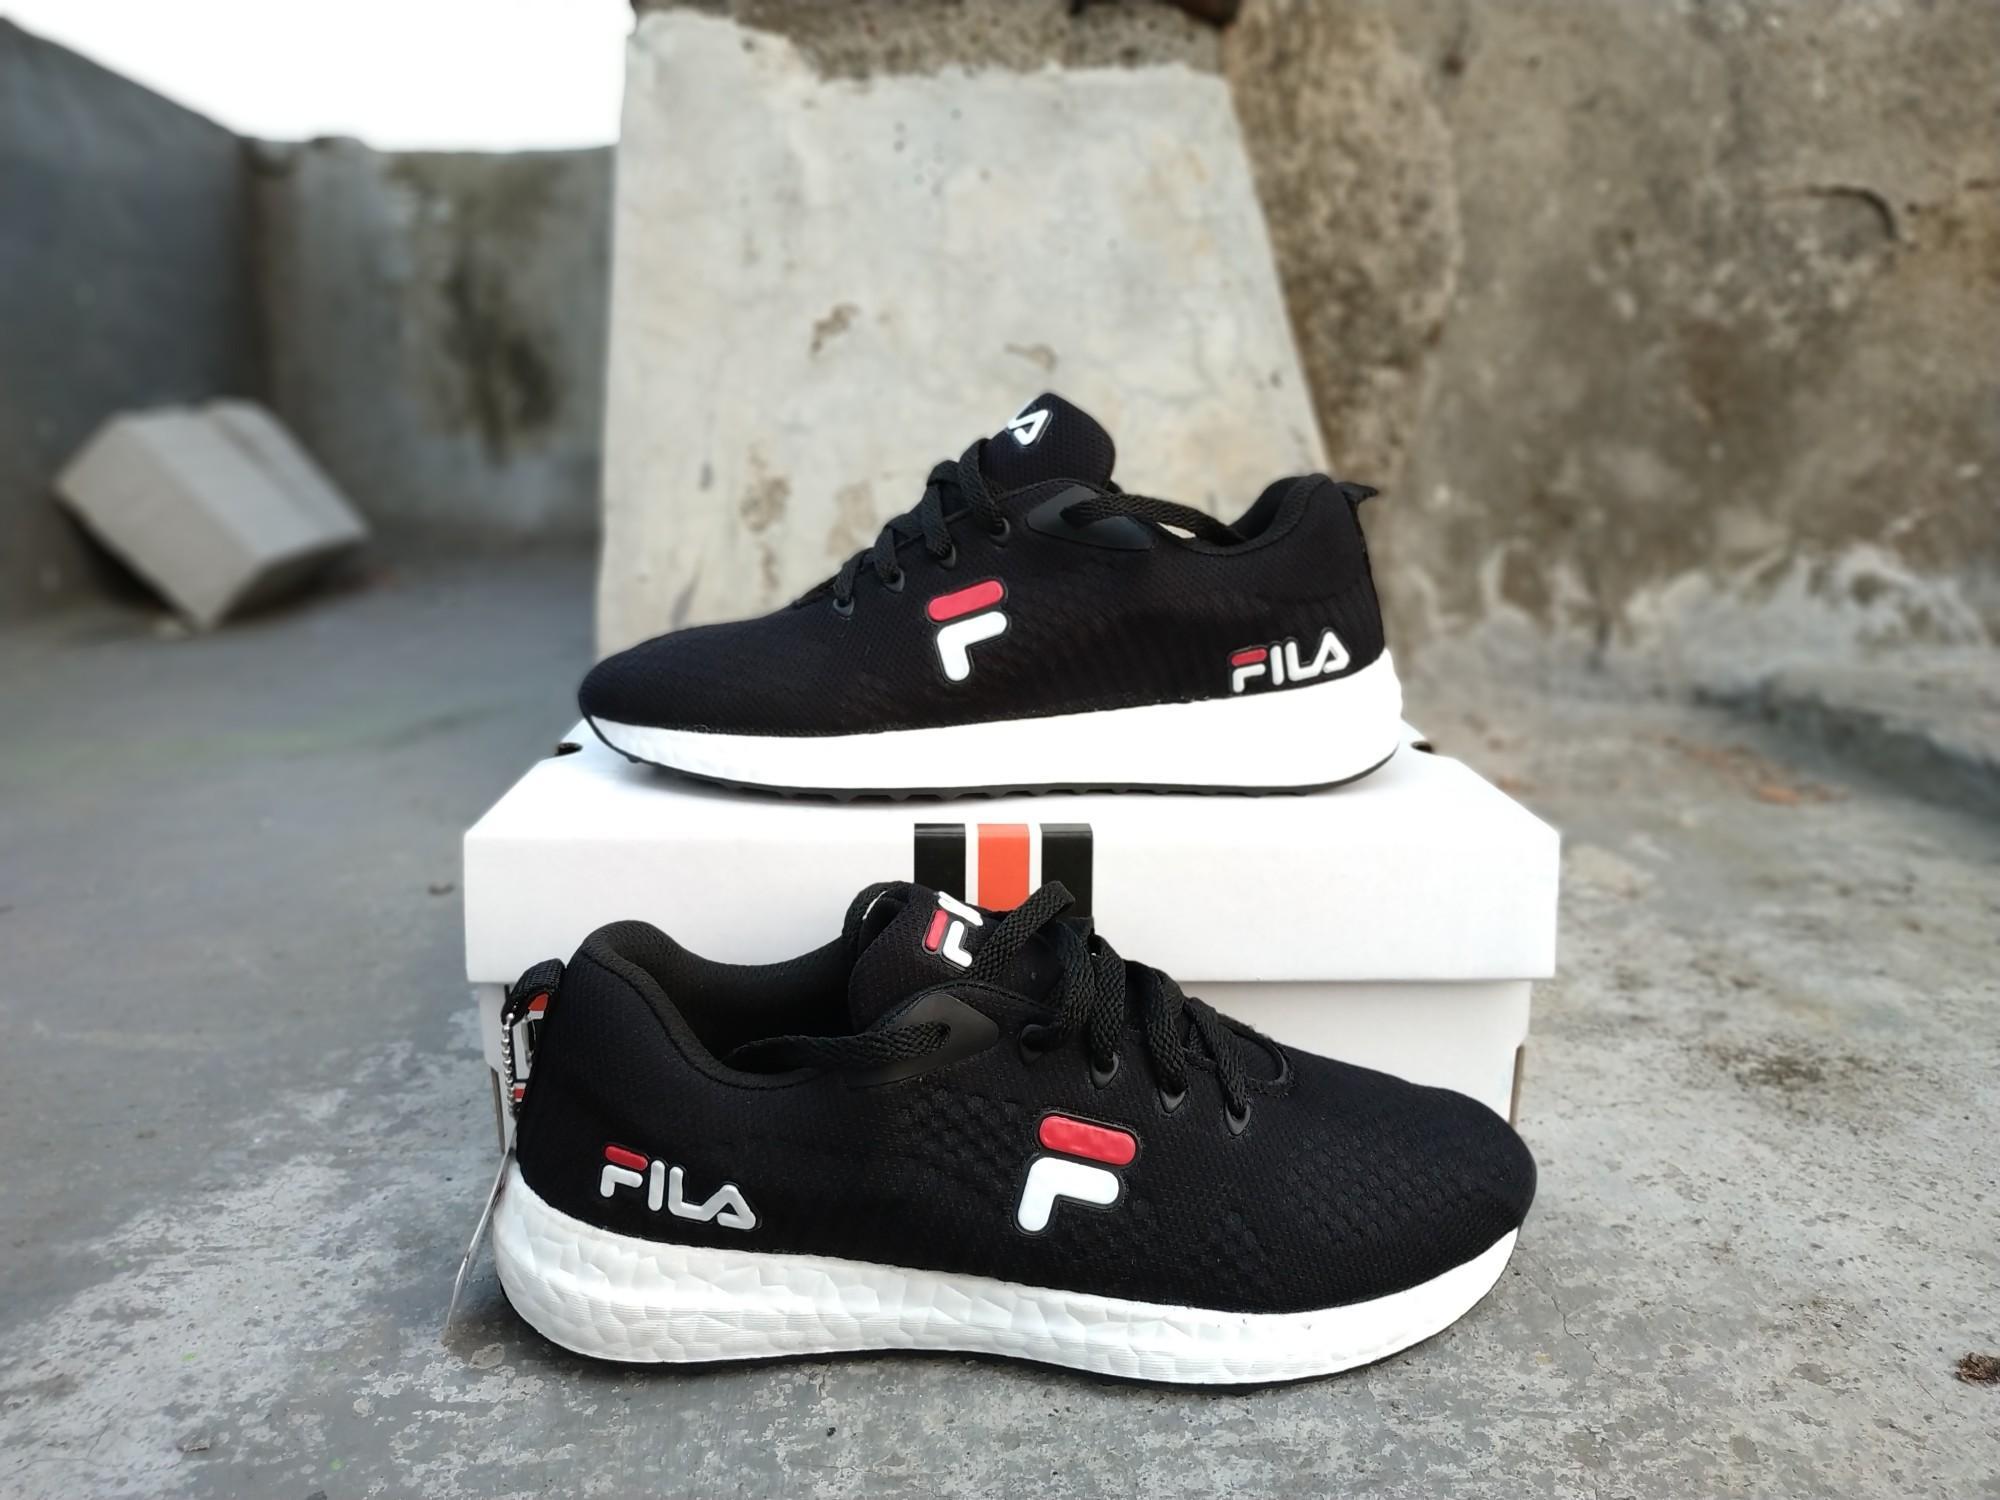 sepatu fila running black white premium - 4